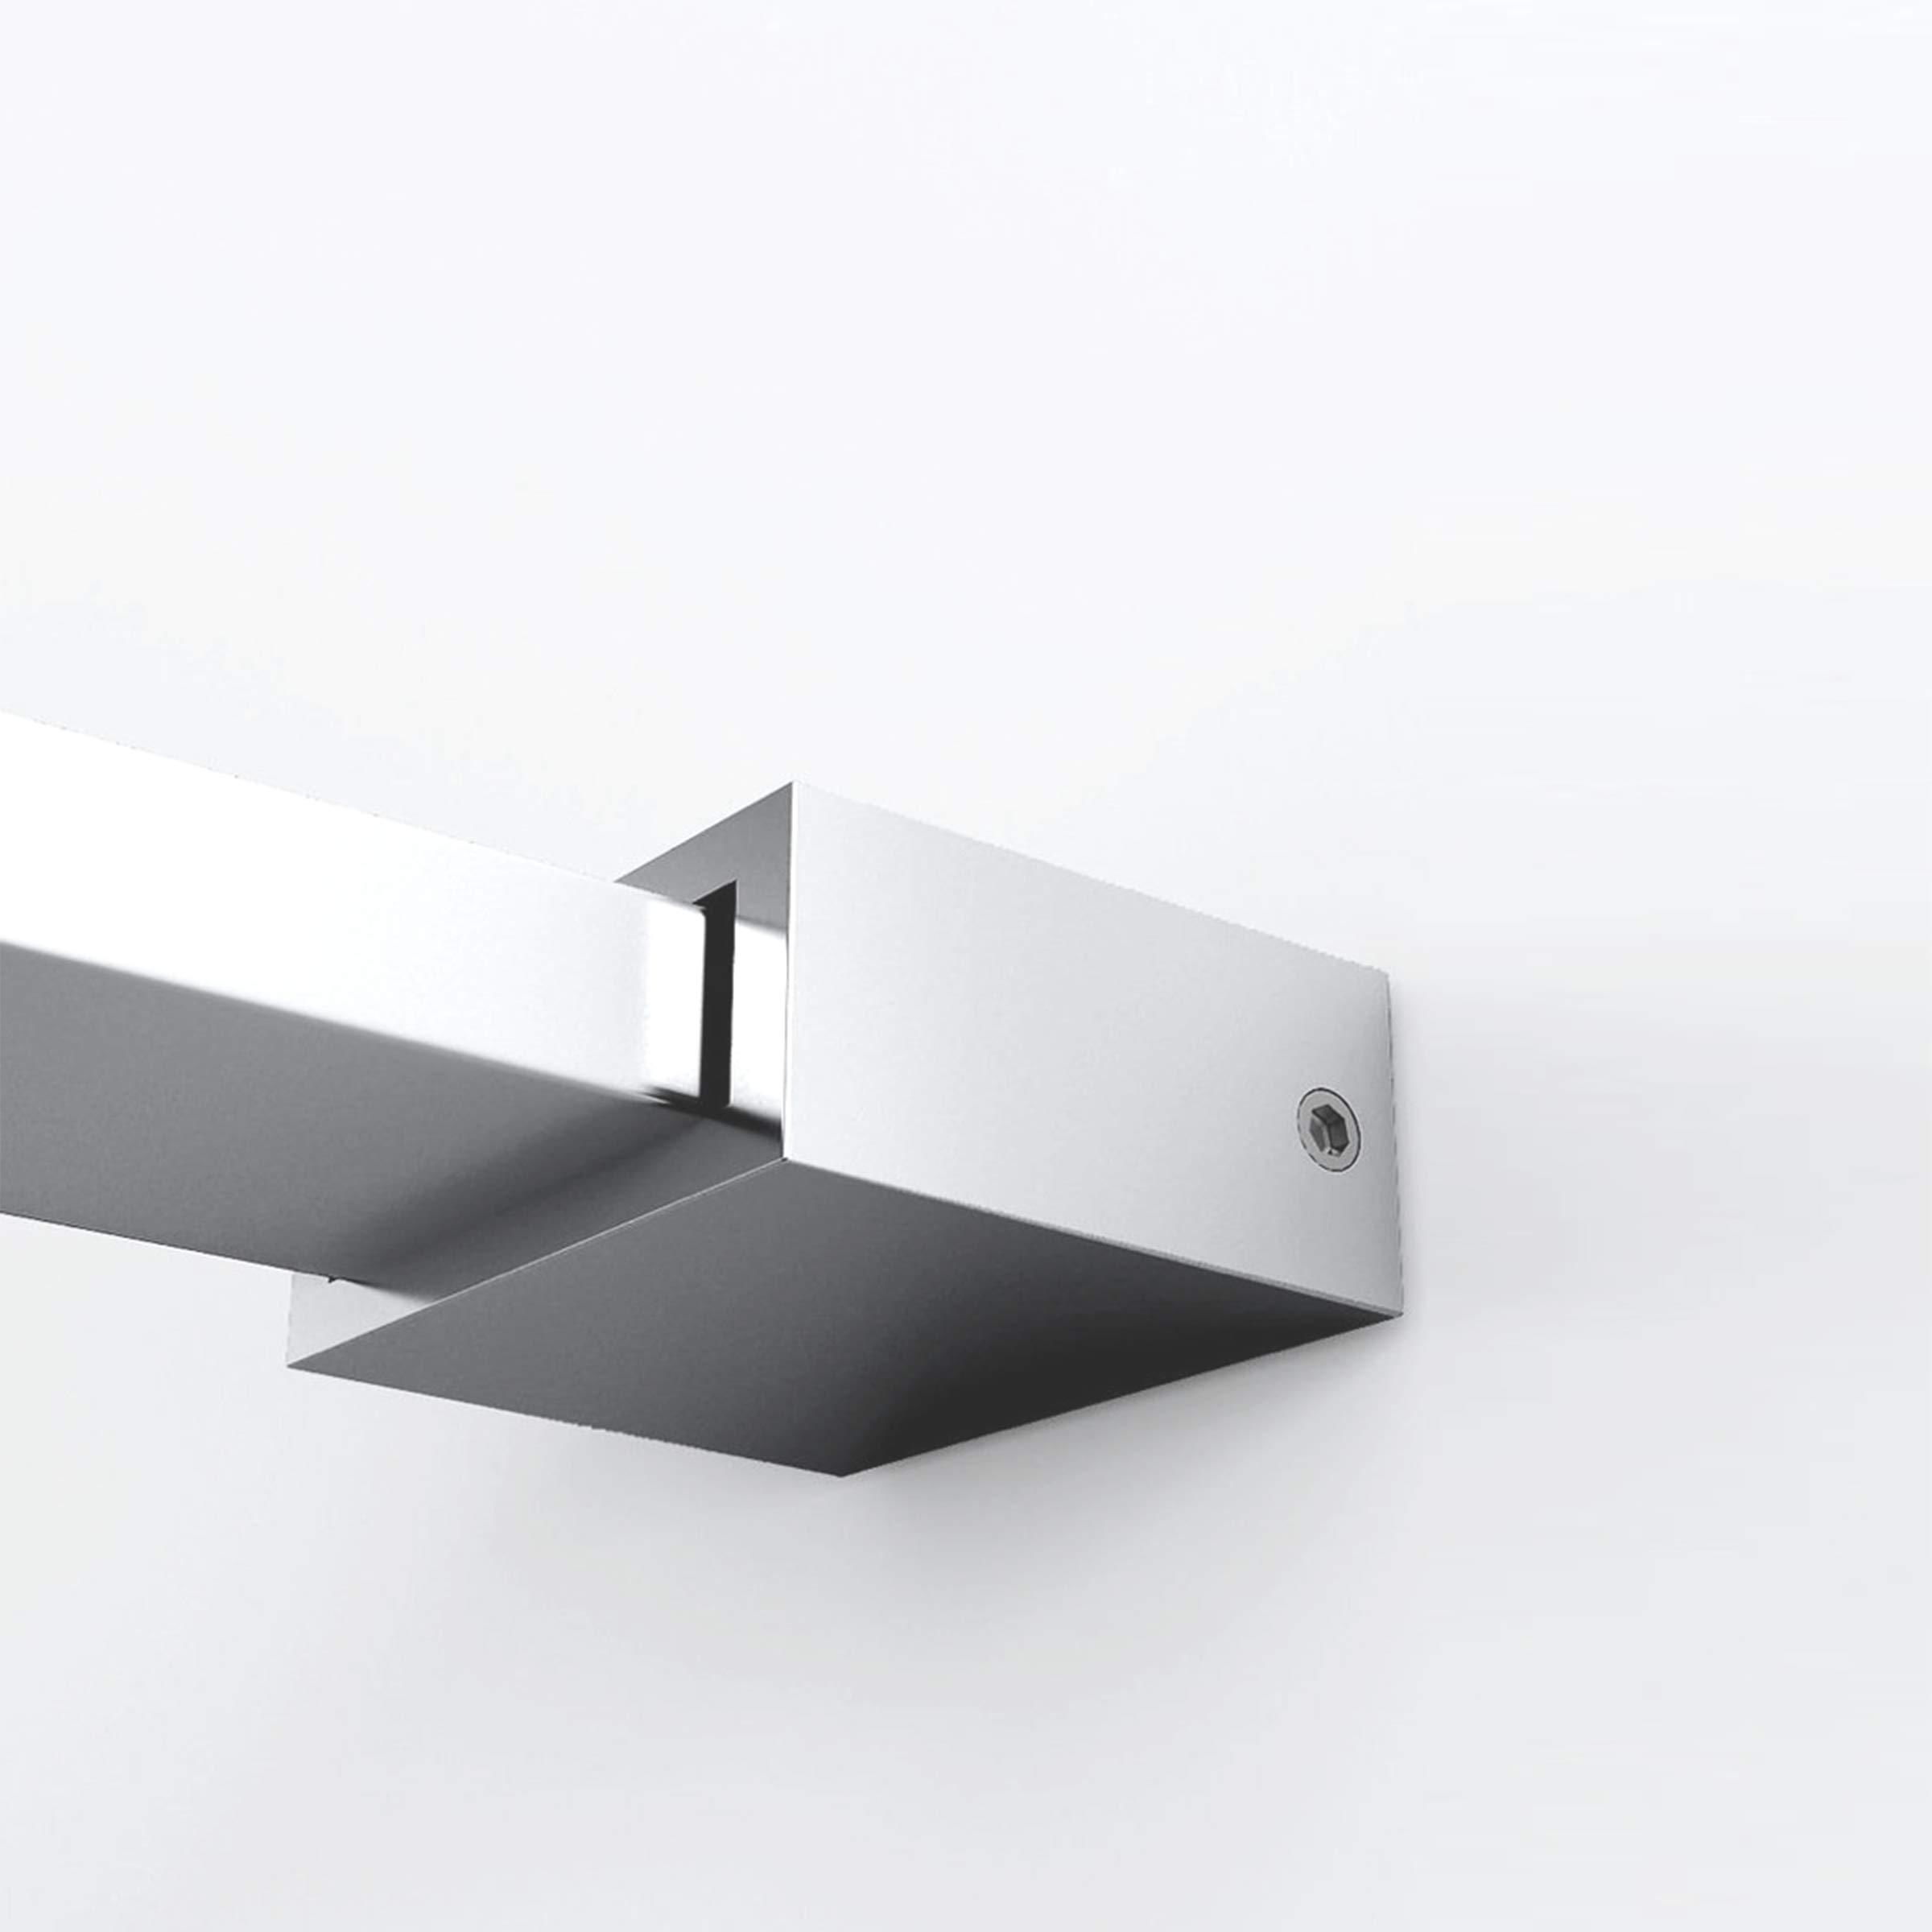 Mampara de ducha Leroy Timeless – Cristal de seguridad templado de 8 mm, nanorevestido, accesorios de acero inoxidable SS304, de Modern Glass Art, gris: Amazon.es: Bricolaje y herramientas